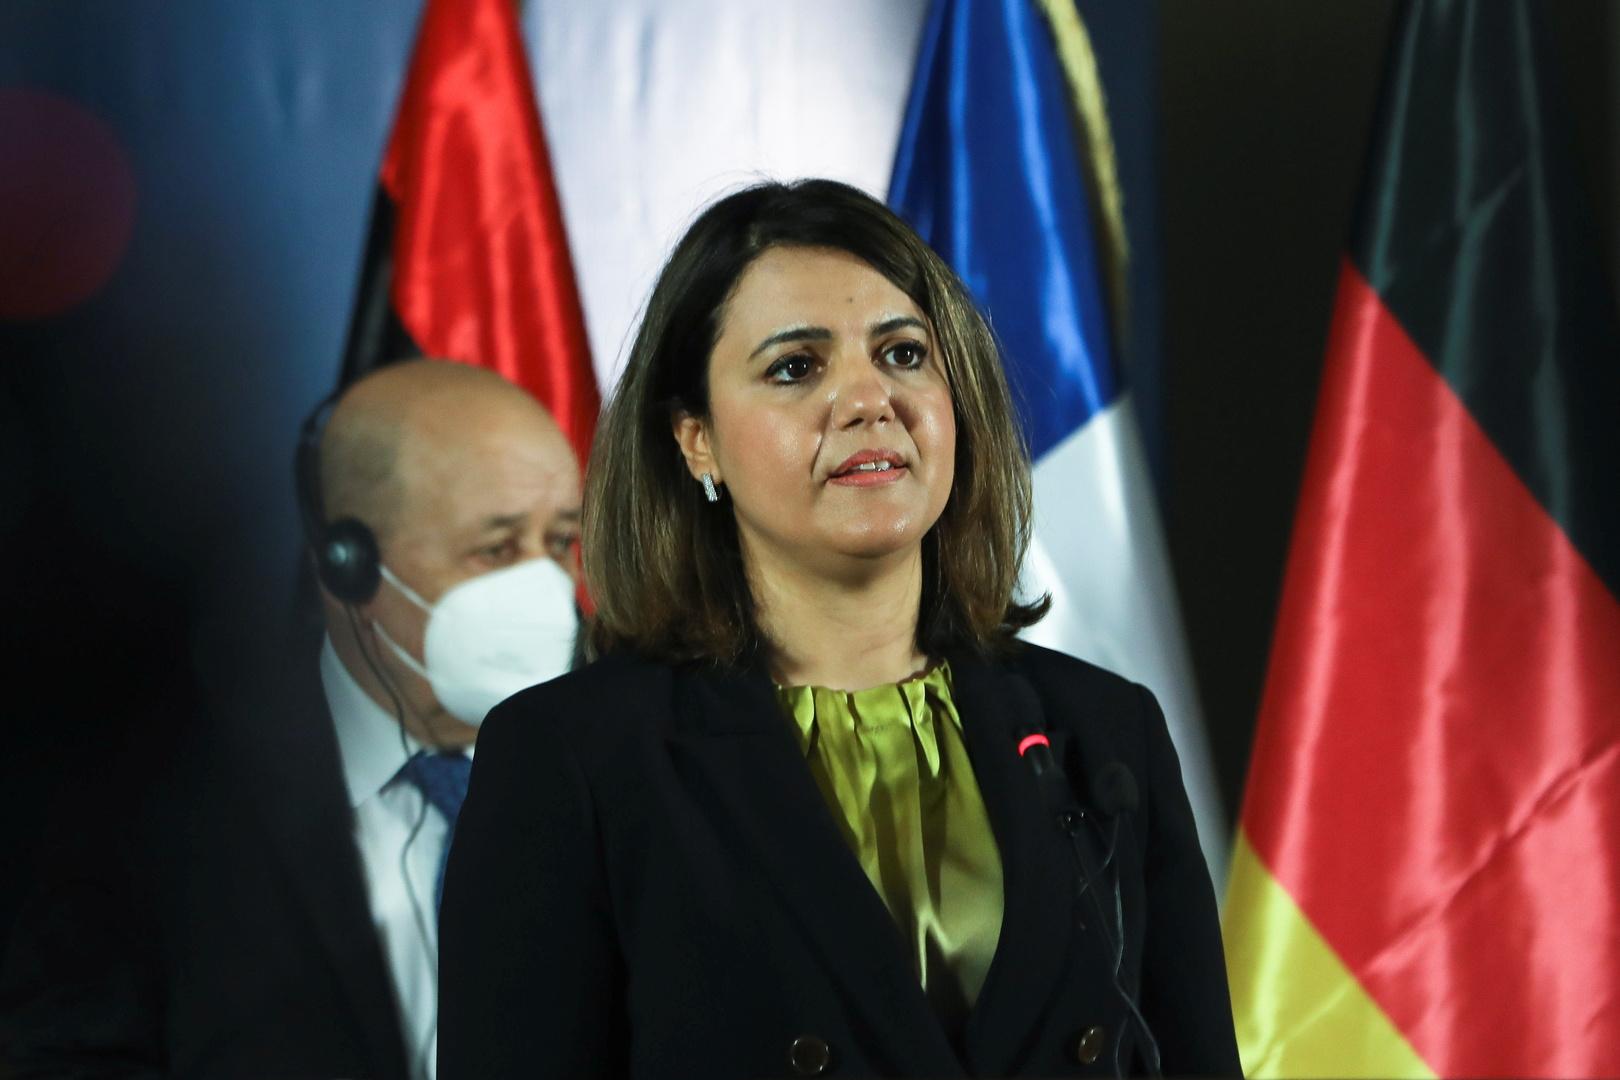 وزيرة الخارجية الليبية تجدد مطالبتها بضرورة خروج القوات الأجنبية والمرتزقة من بلادها